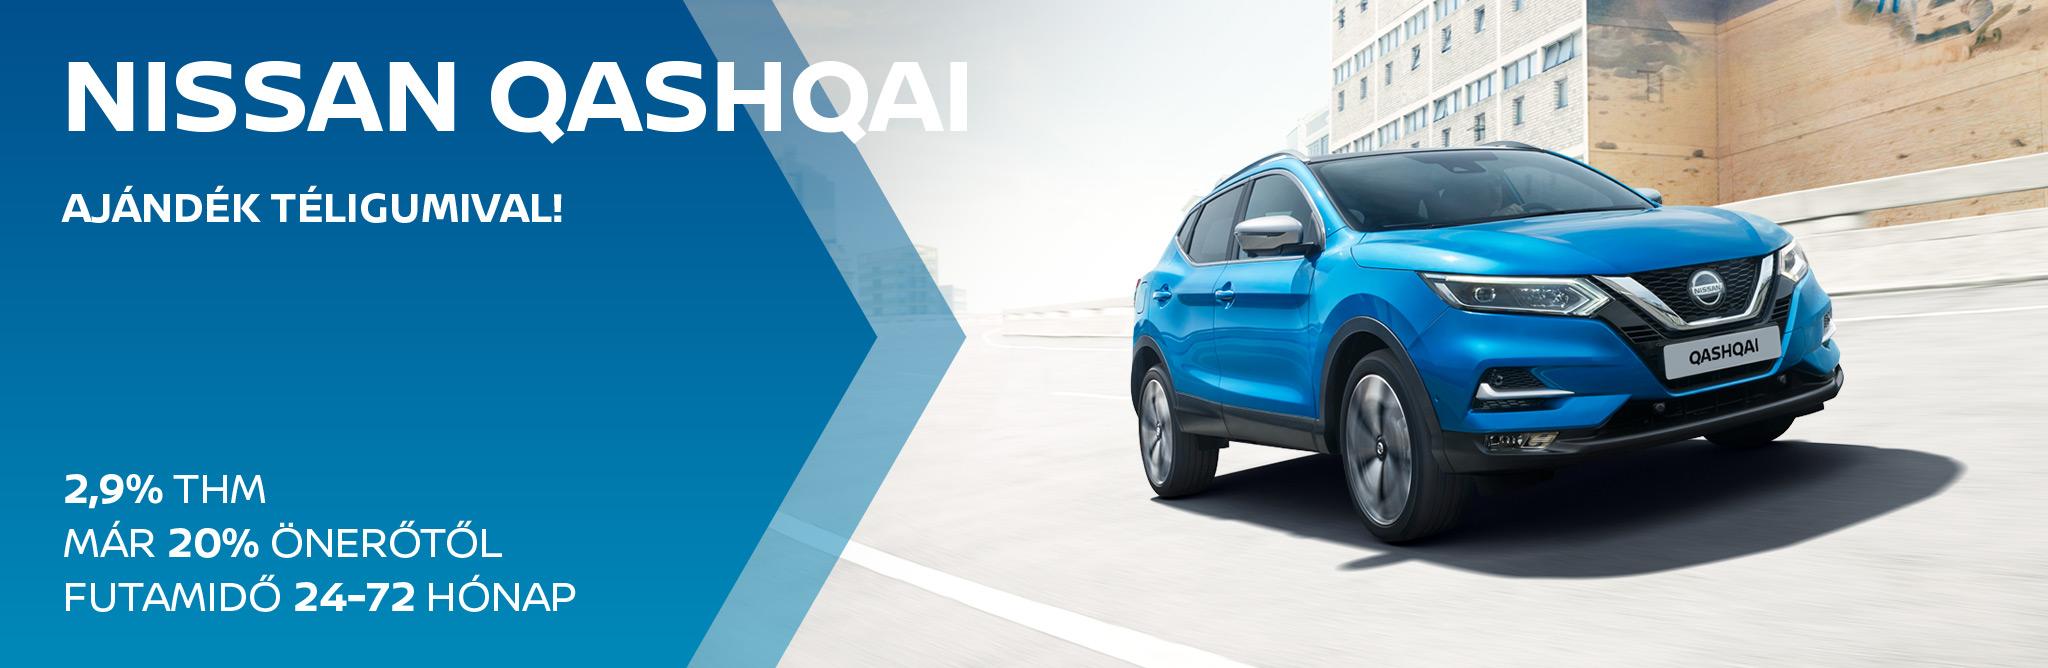 Nissan Qashqai 2,9% THM